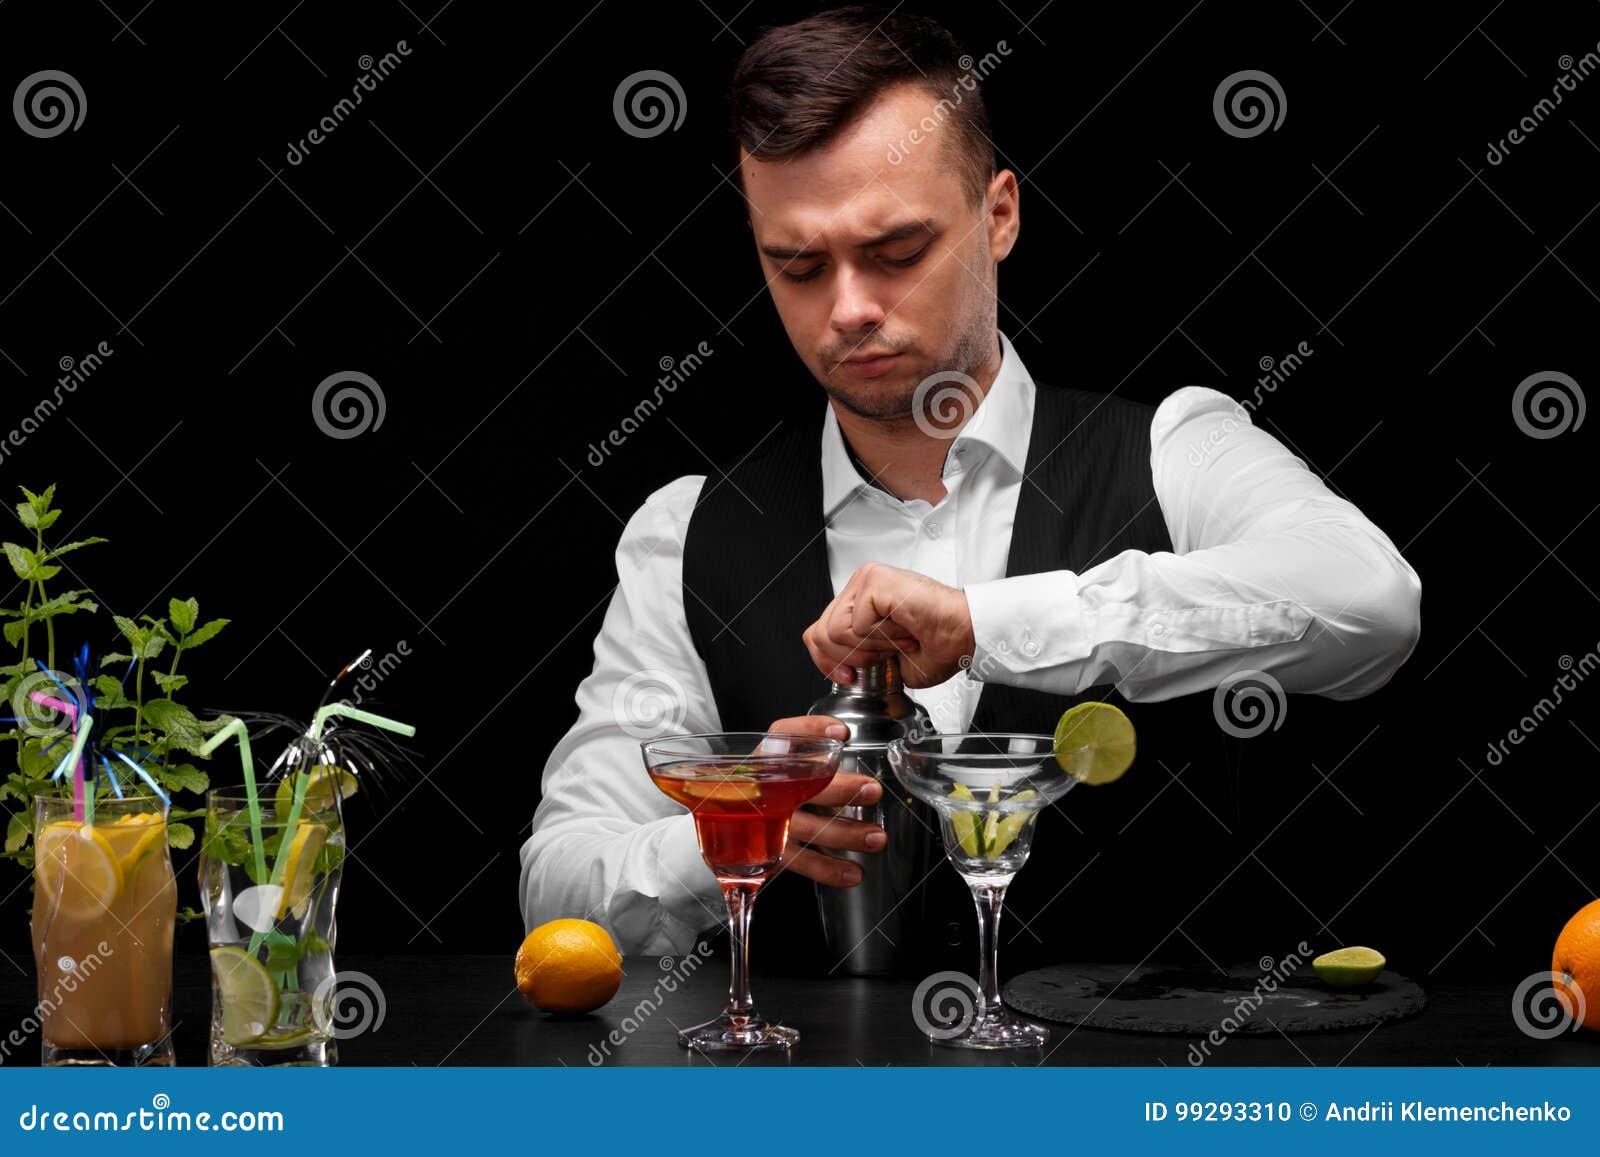 Un camarero abre una coctelera, un contador con los vidrios del margarita, limón, cal, cócteles de la barra en un fondo negro